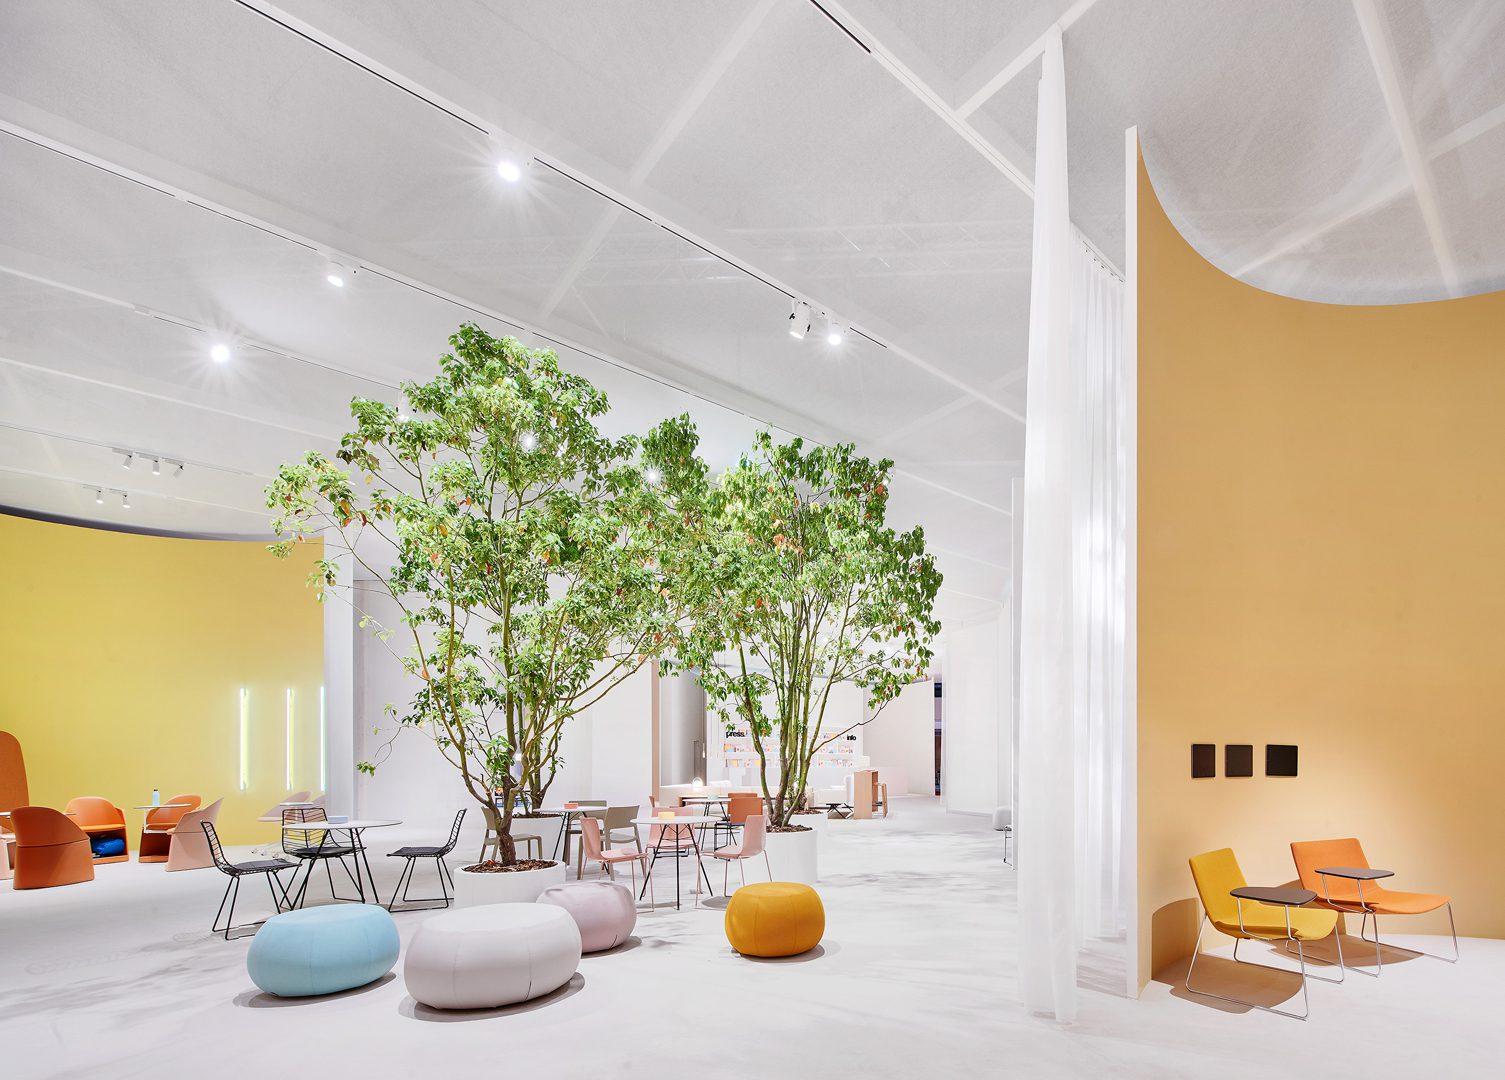 Arper, 2019 Salone del Mobile